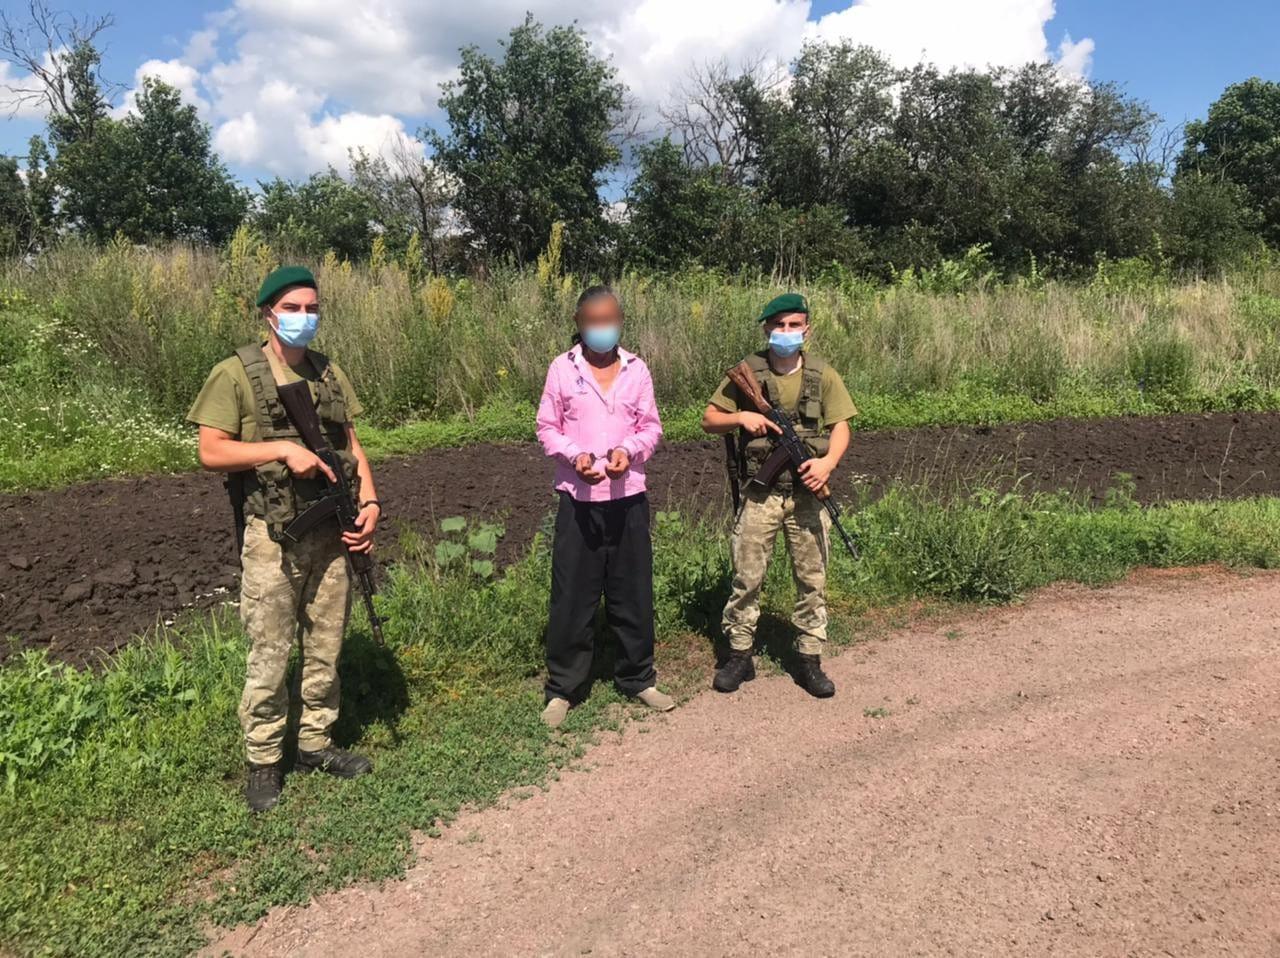 Новости Харькова. На границе с Россией местные жители помогли задержать нелегала